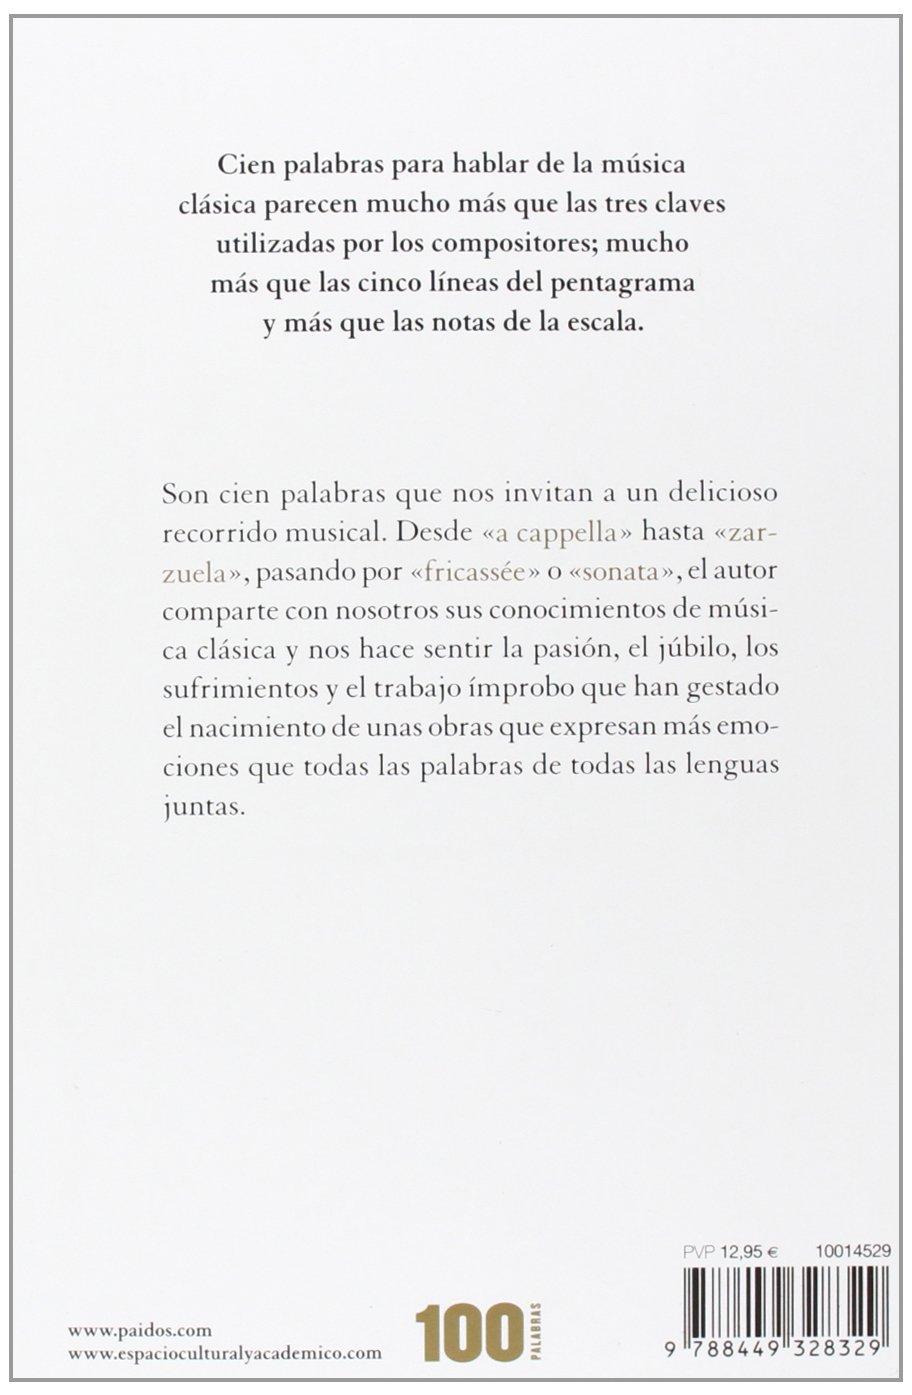 La música clásica en 100 palabras (Spanish Edition)